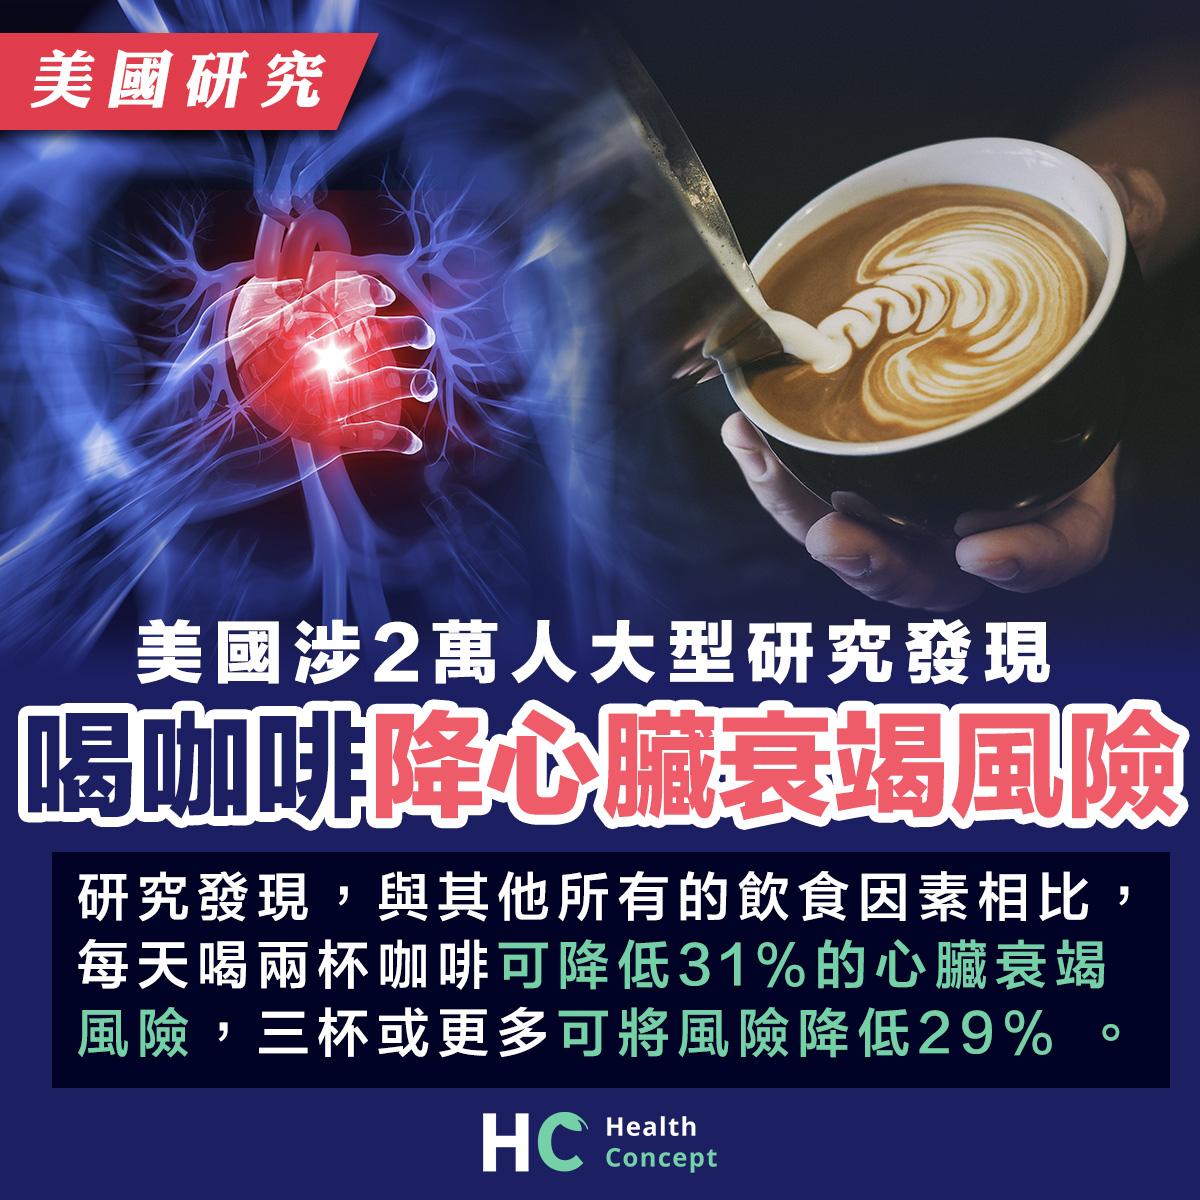 大型研究:每日喝咖啡 有助降心臟衰竭風險